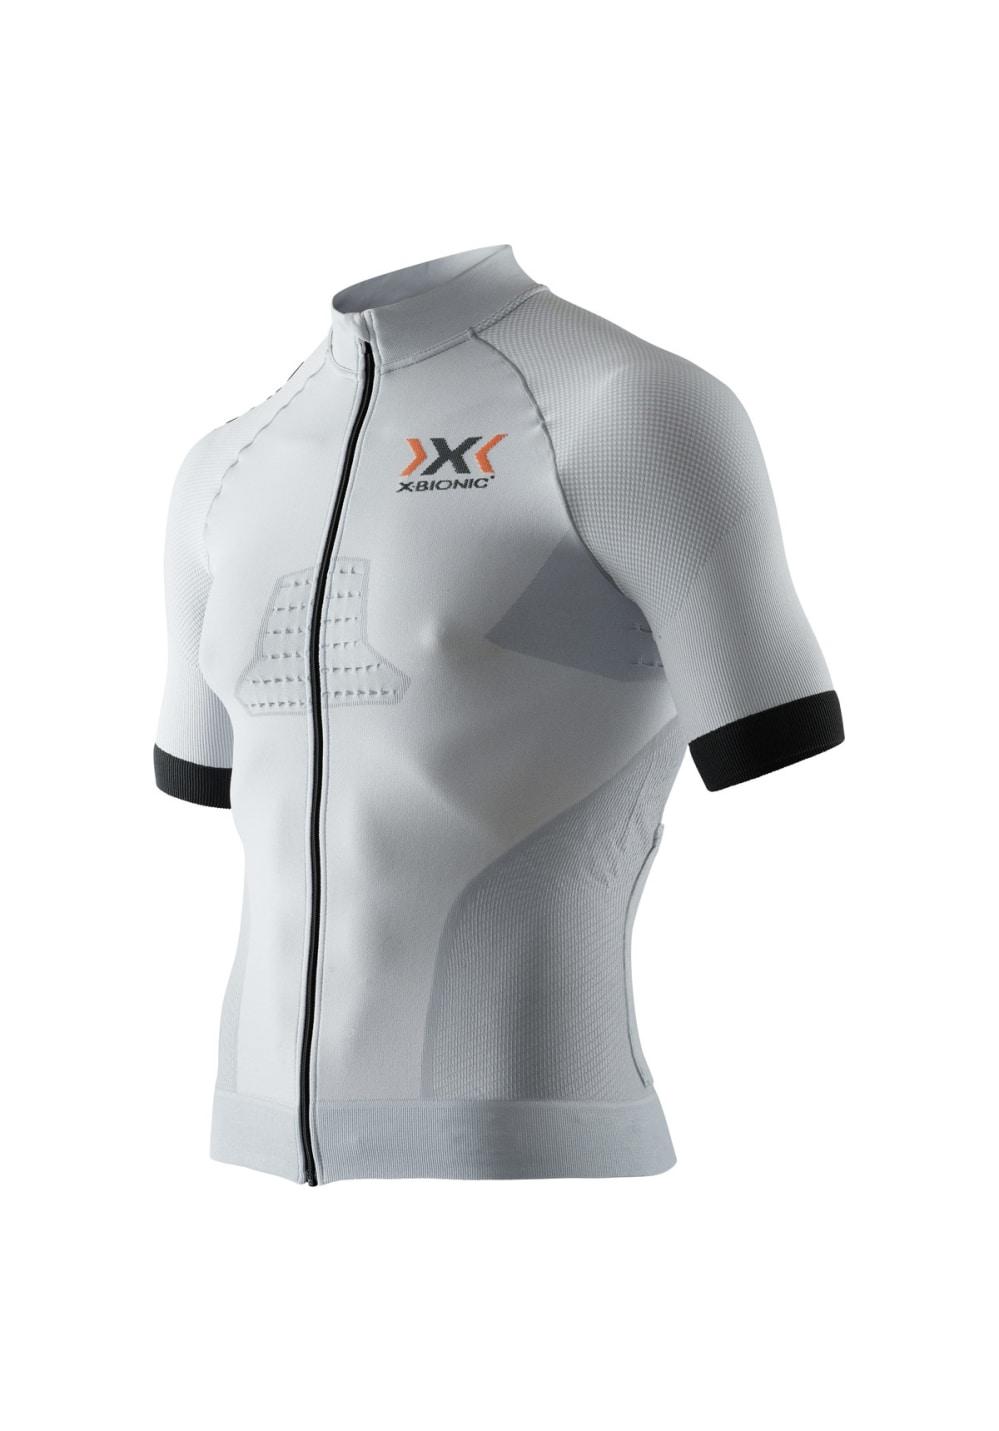 X-Bionic Race Evo Biking Shirt - Radtrikots für Herren - Weiß, Gr. L